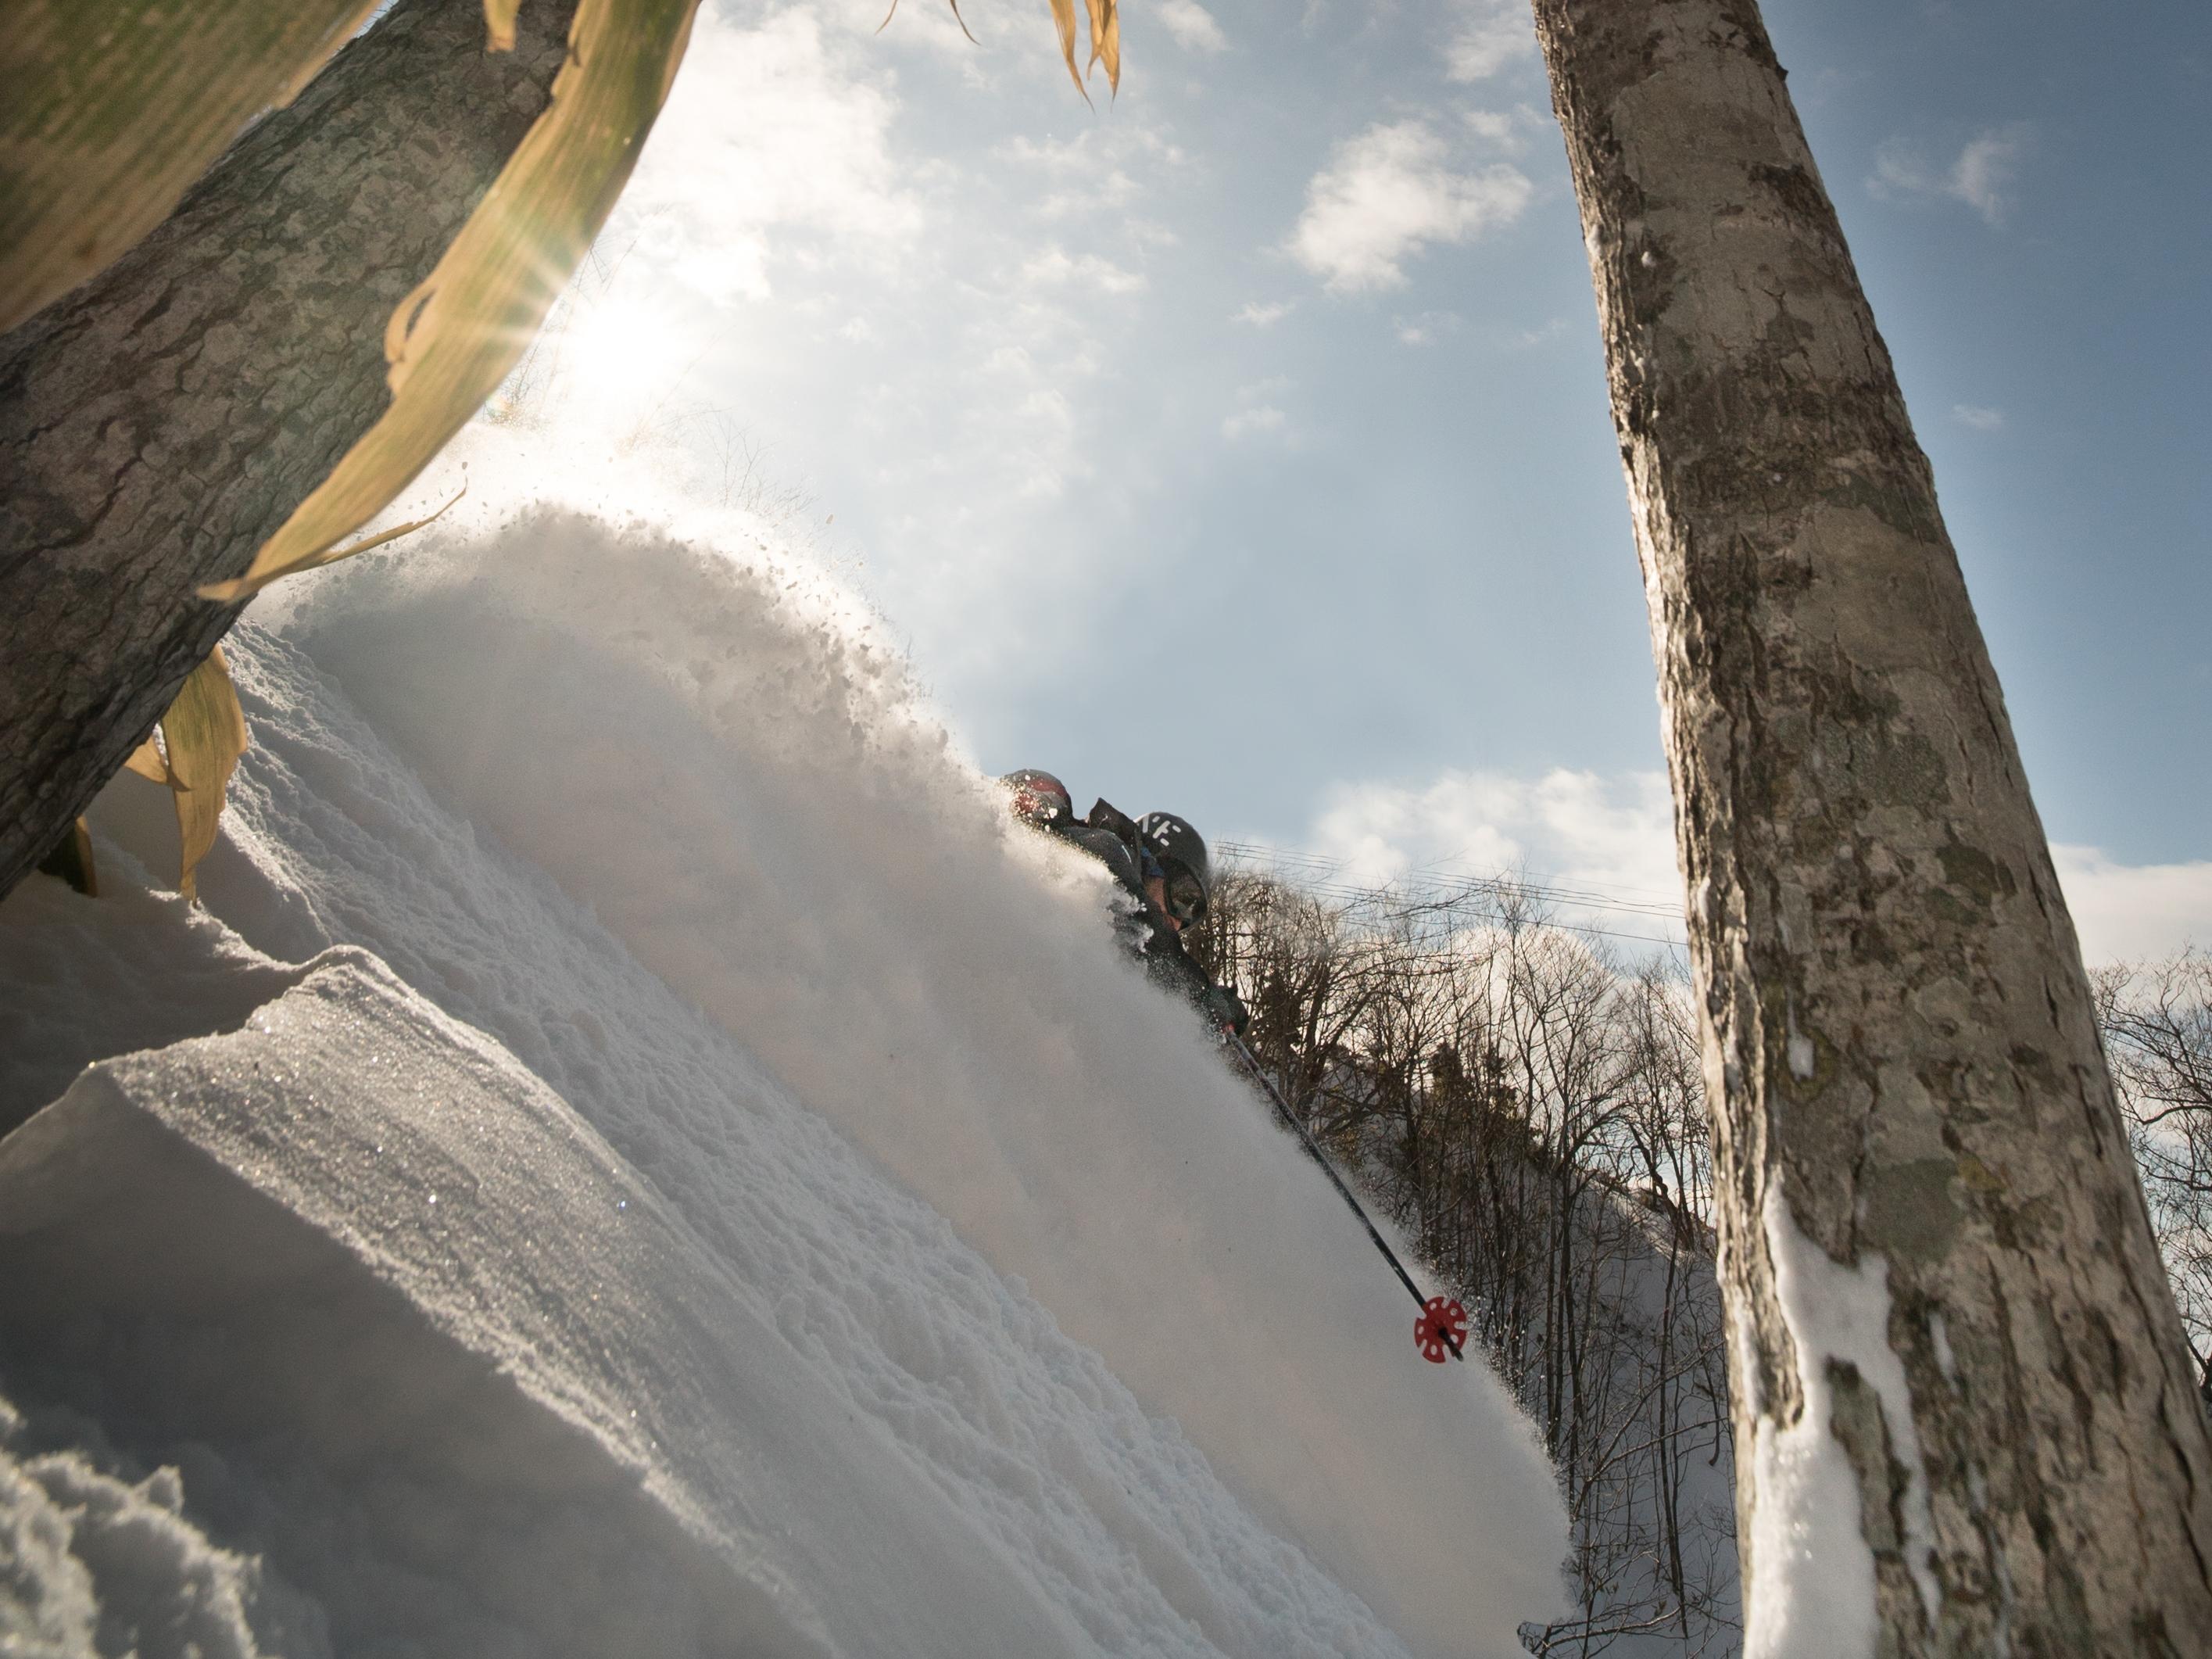 夕張滑雪場雪道介紹